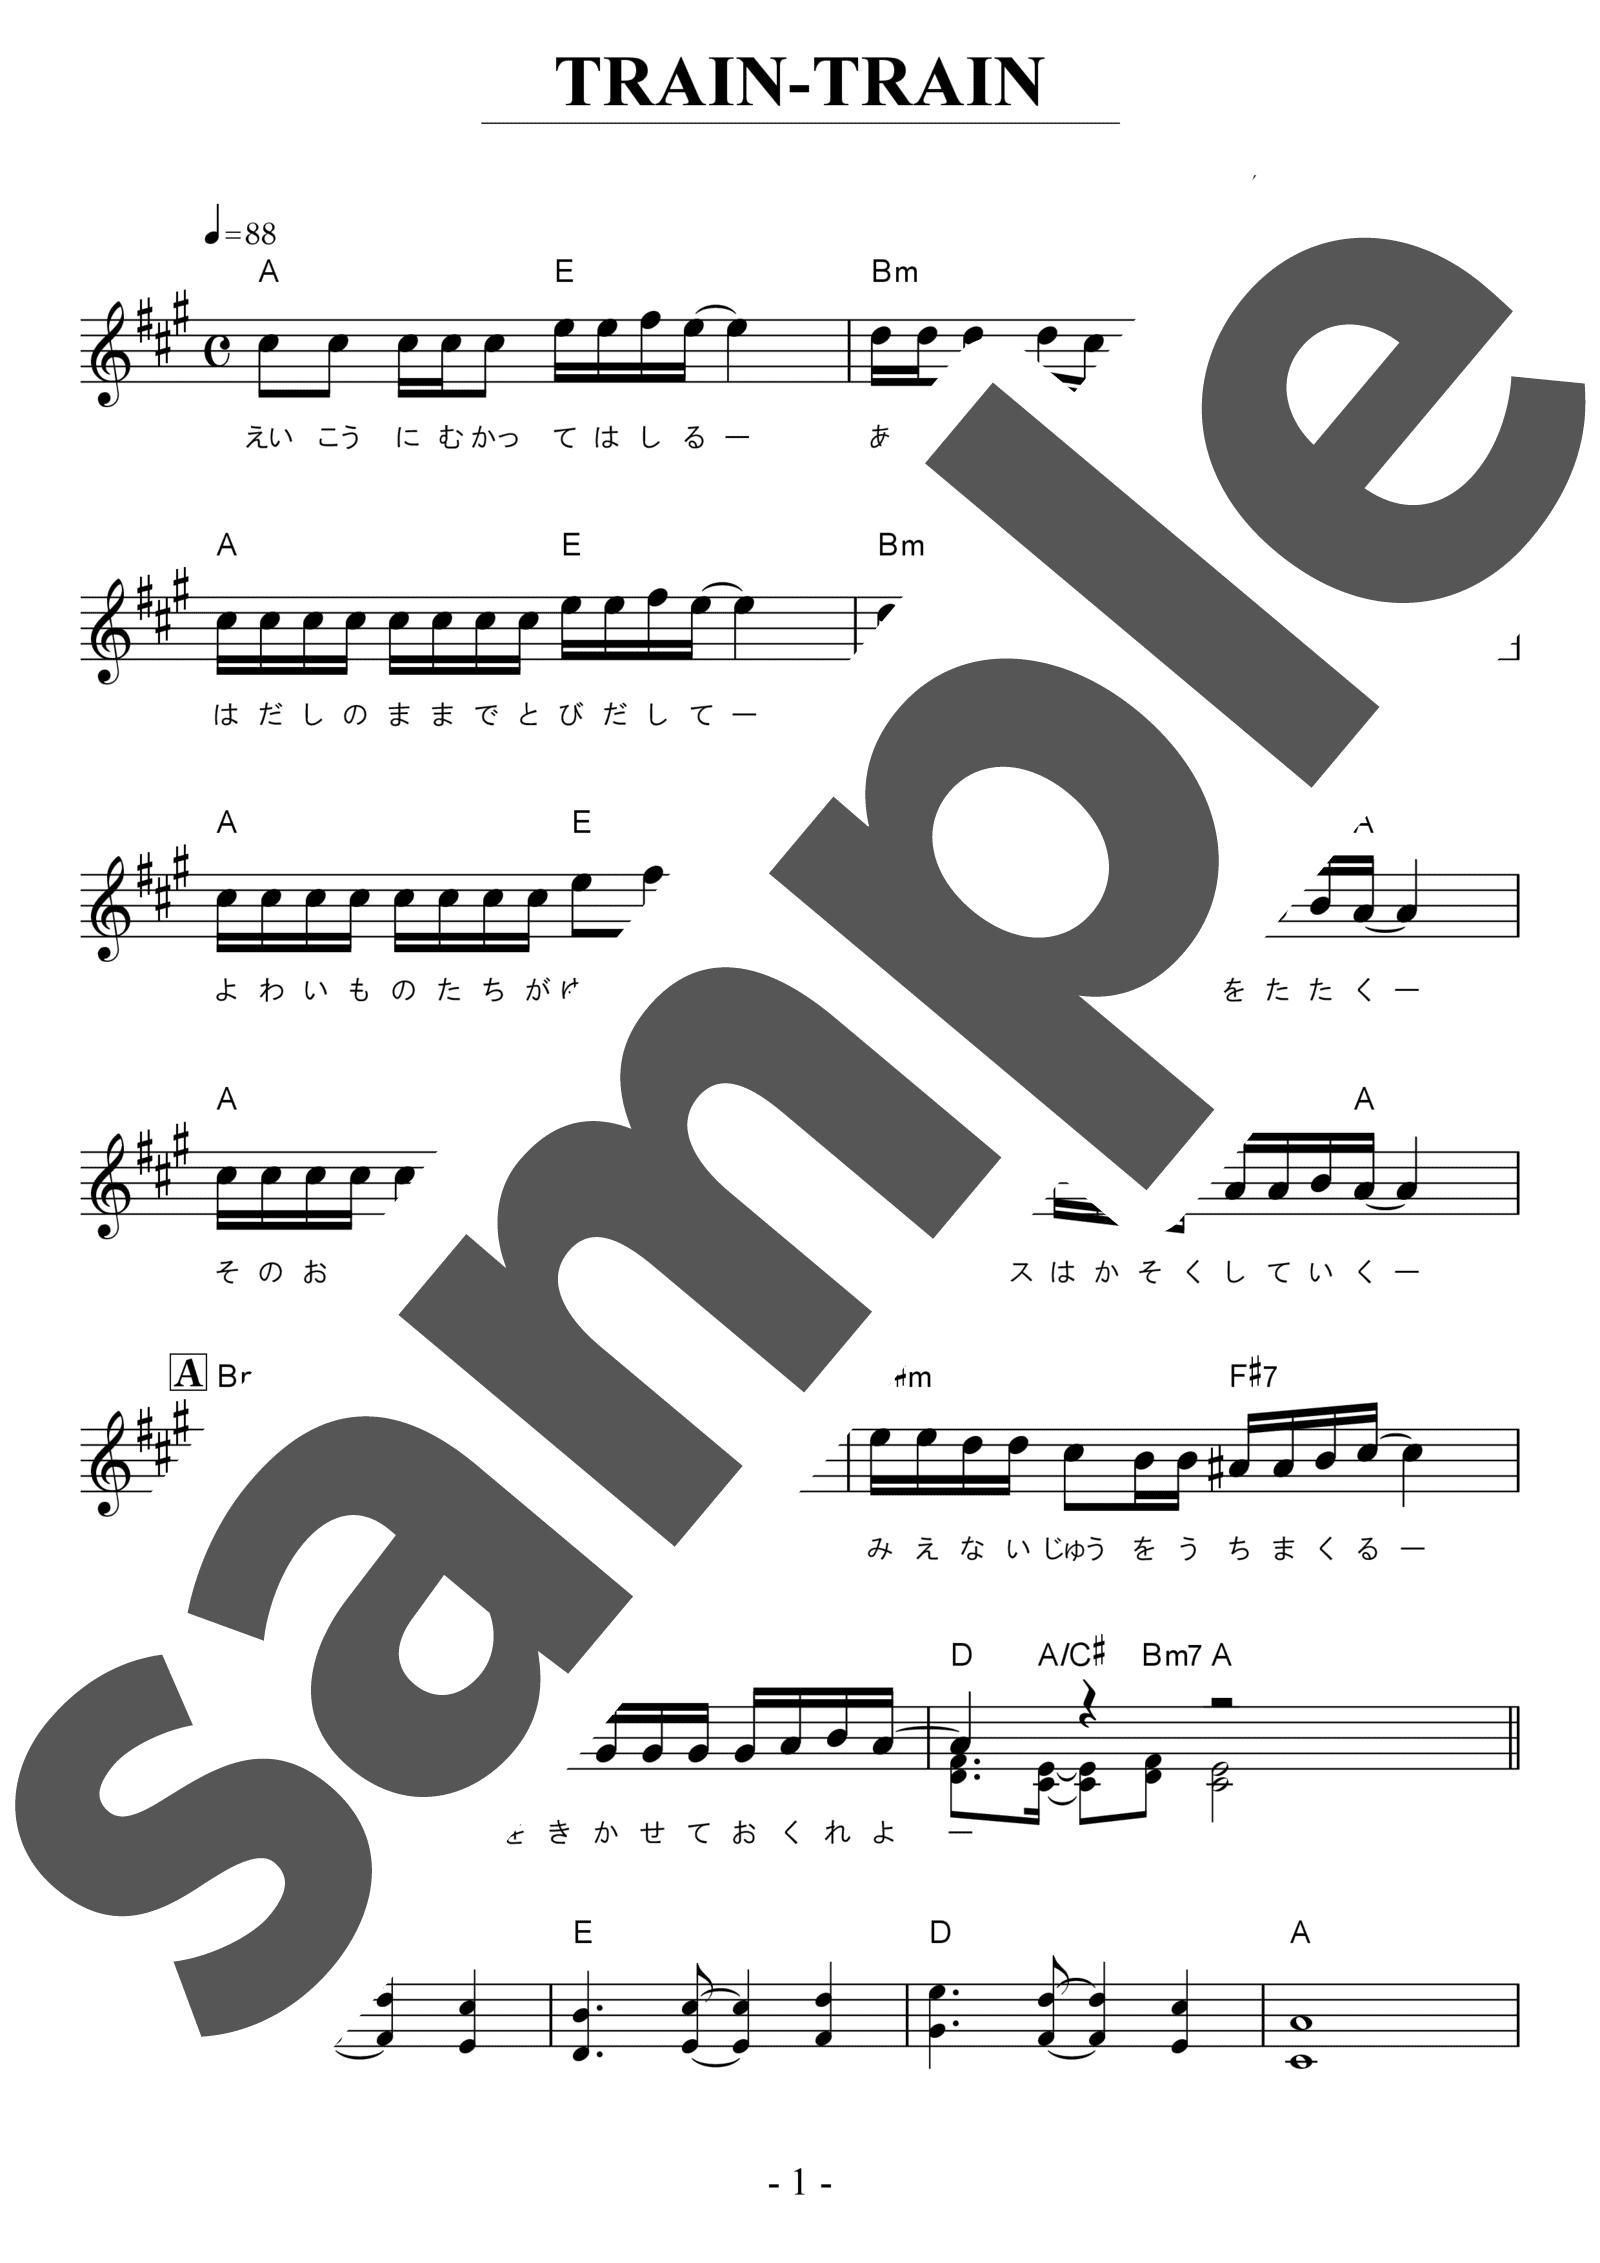 「TRAIN-TRAIN」のサンプル楽譜